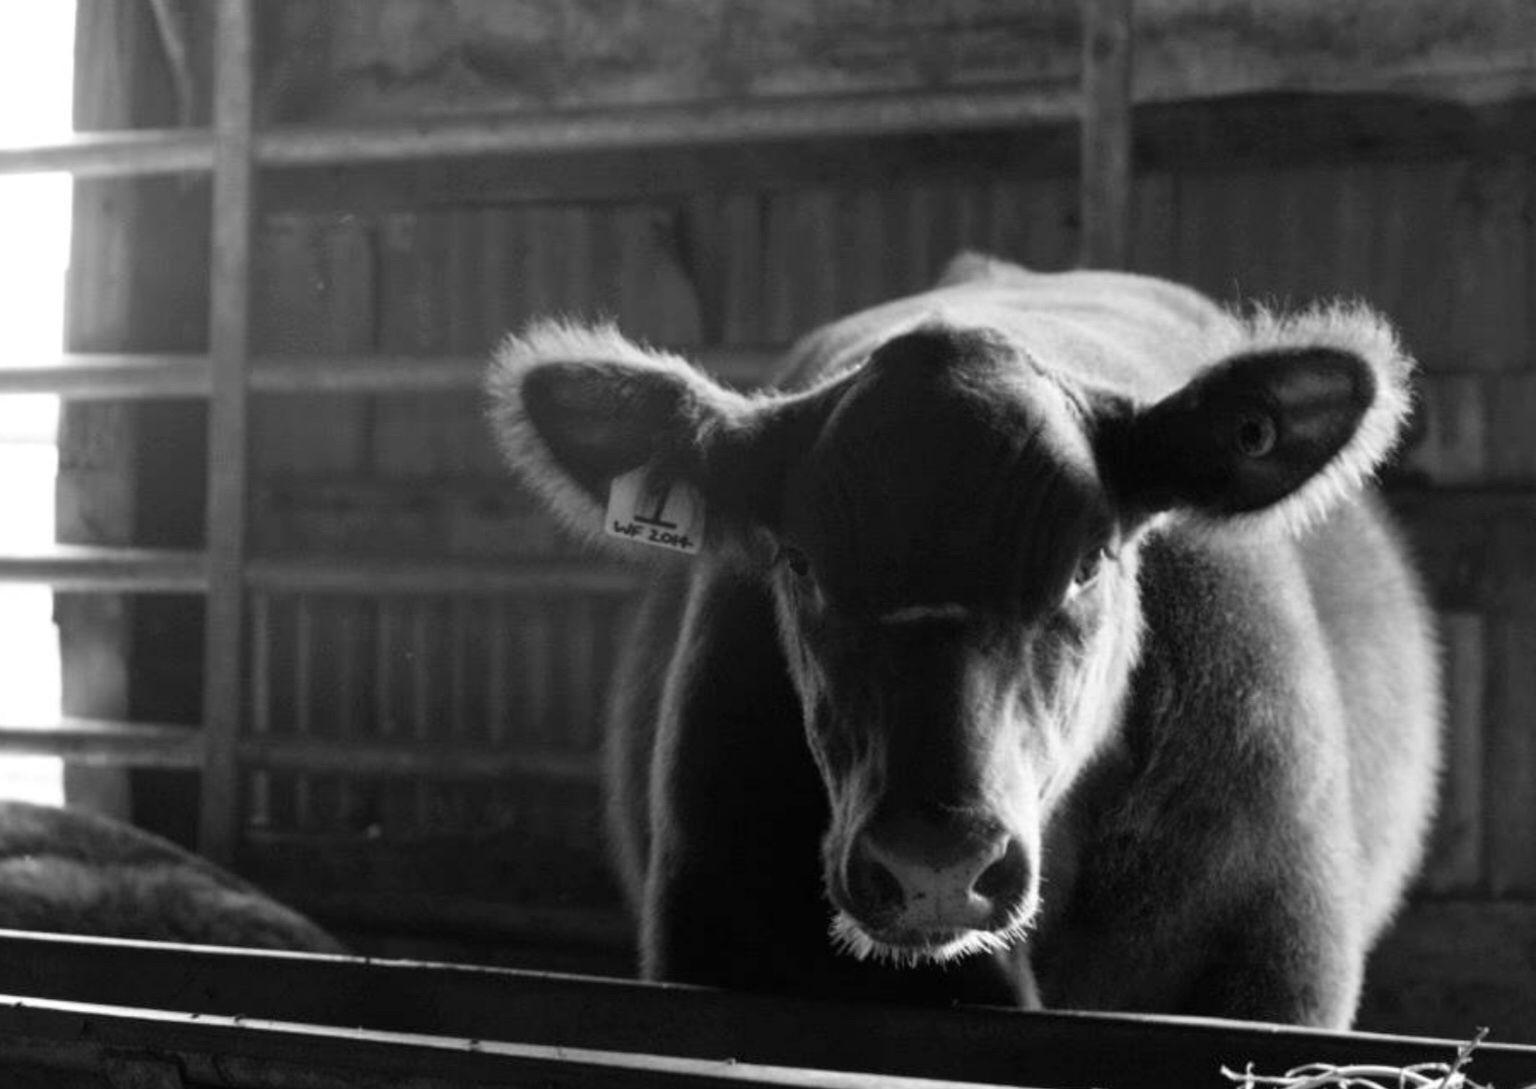 Cute cow picture idea